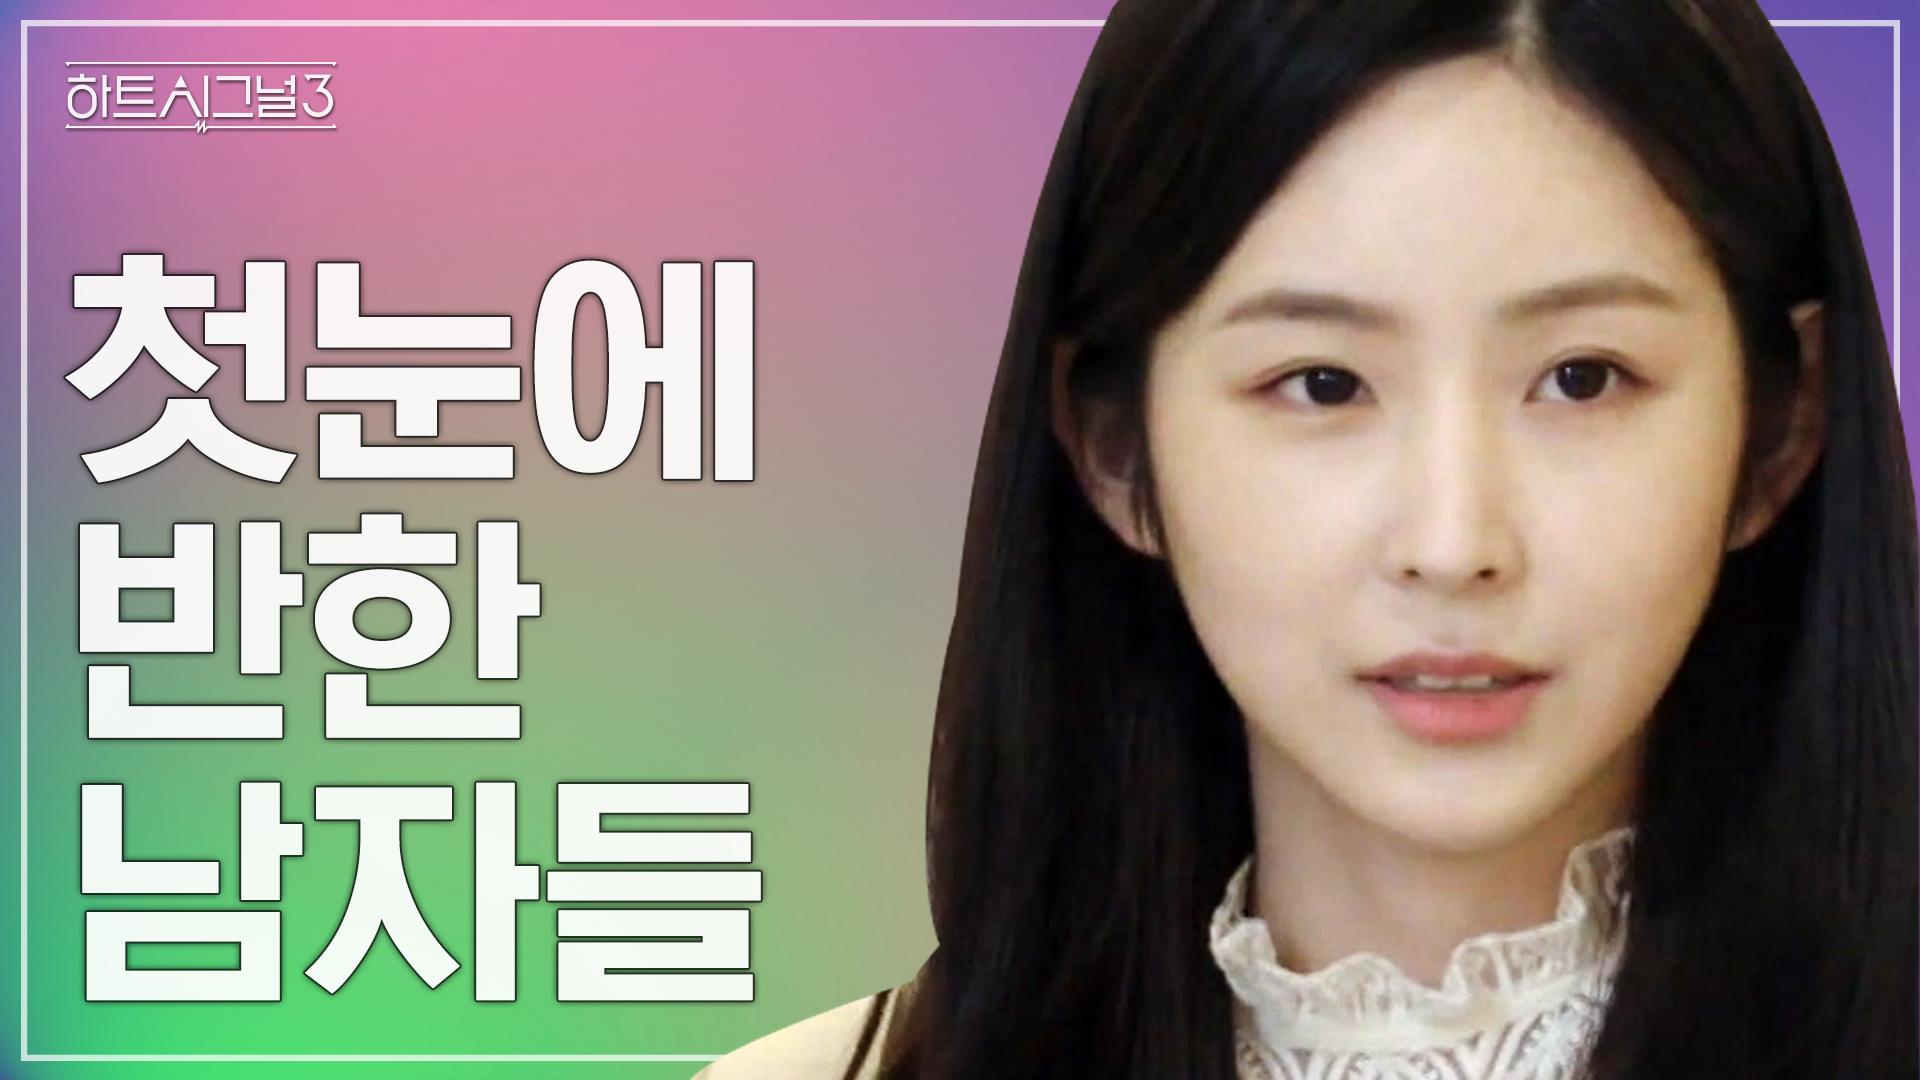 [#러브시그널] 남자의 본능적인 '두 번째' 시선! 동공지진 일으킨 박지현 미모..♥